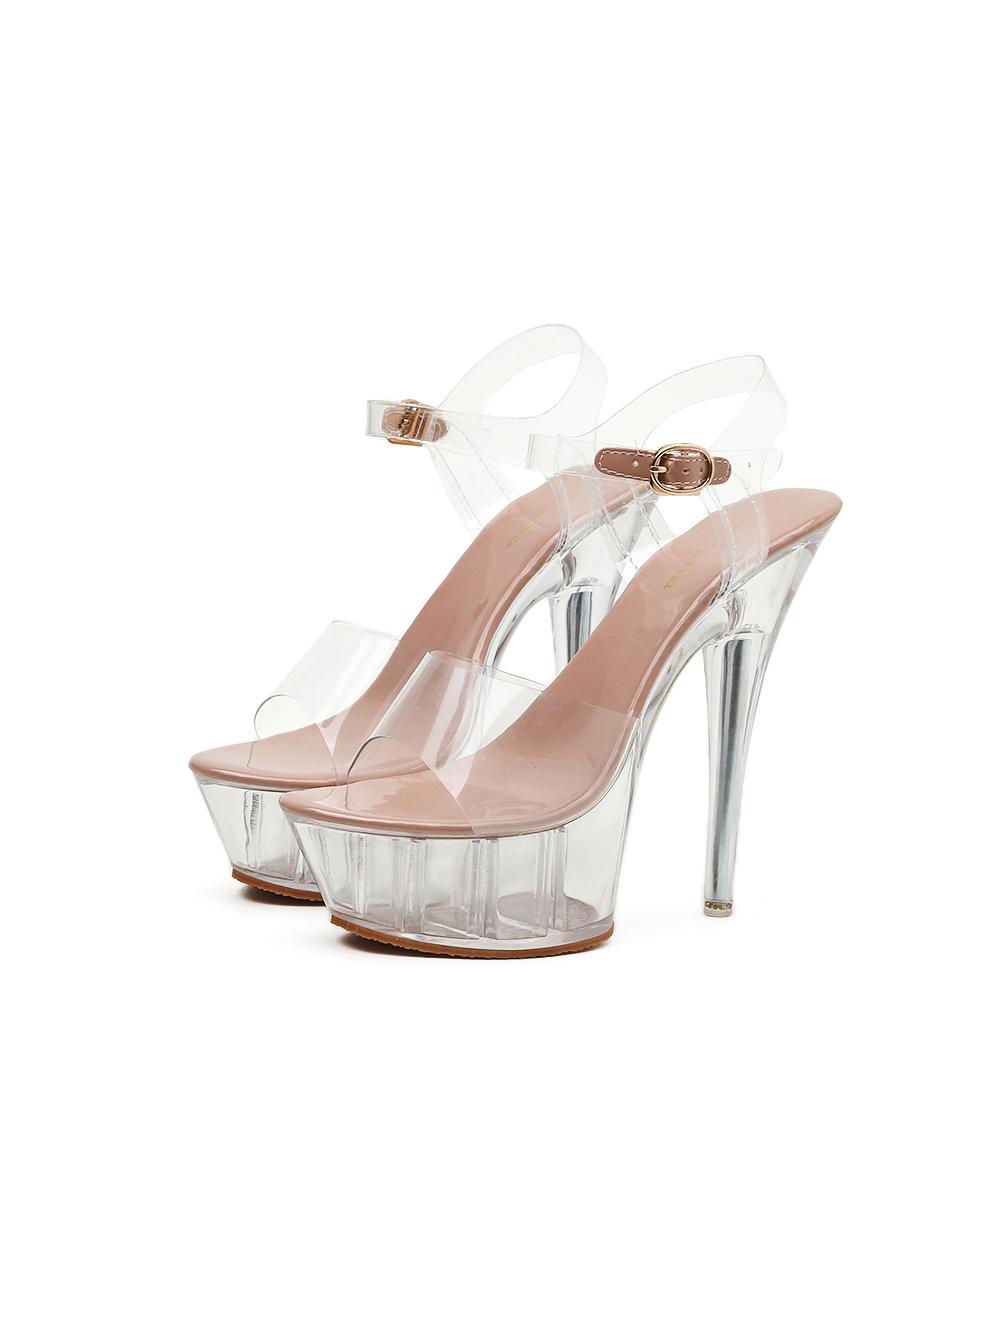 Fashion Transparent Stiletto High Heels Sandals